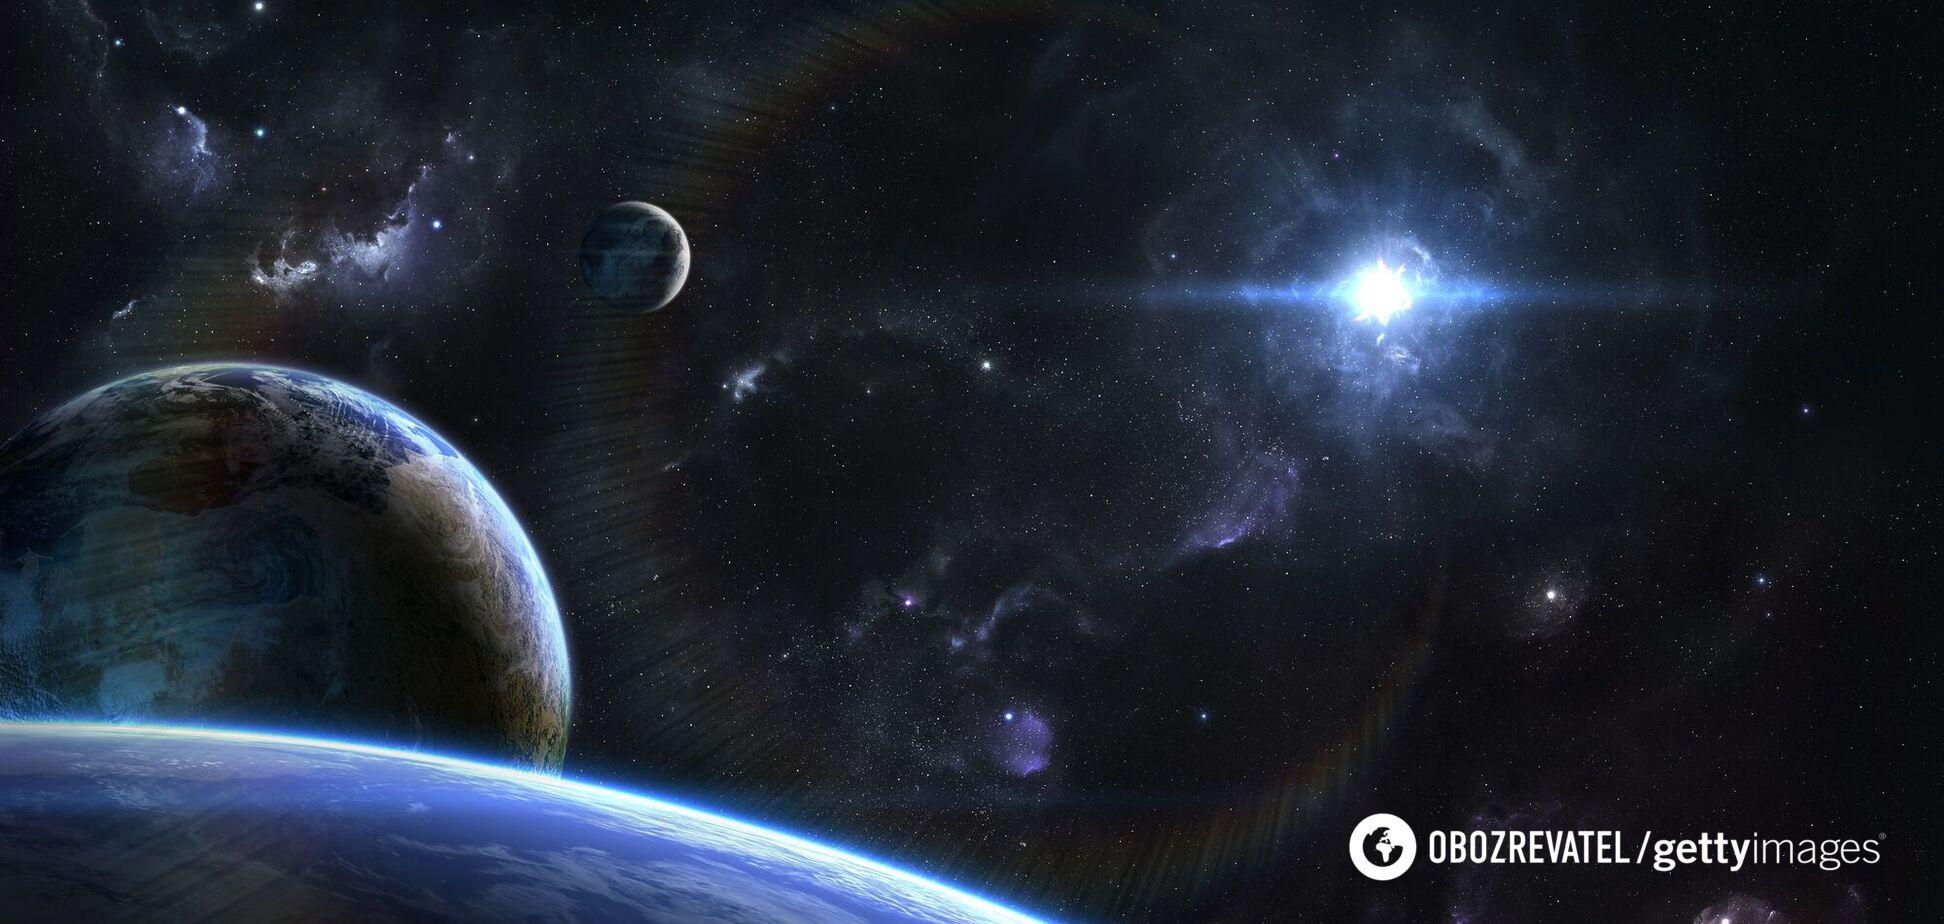 Ученые нашли 'неуловимую материю' во Вселенной